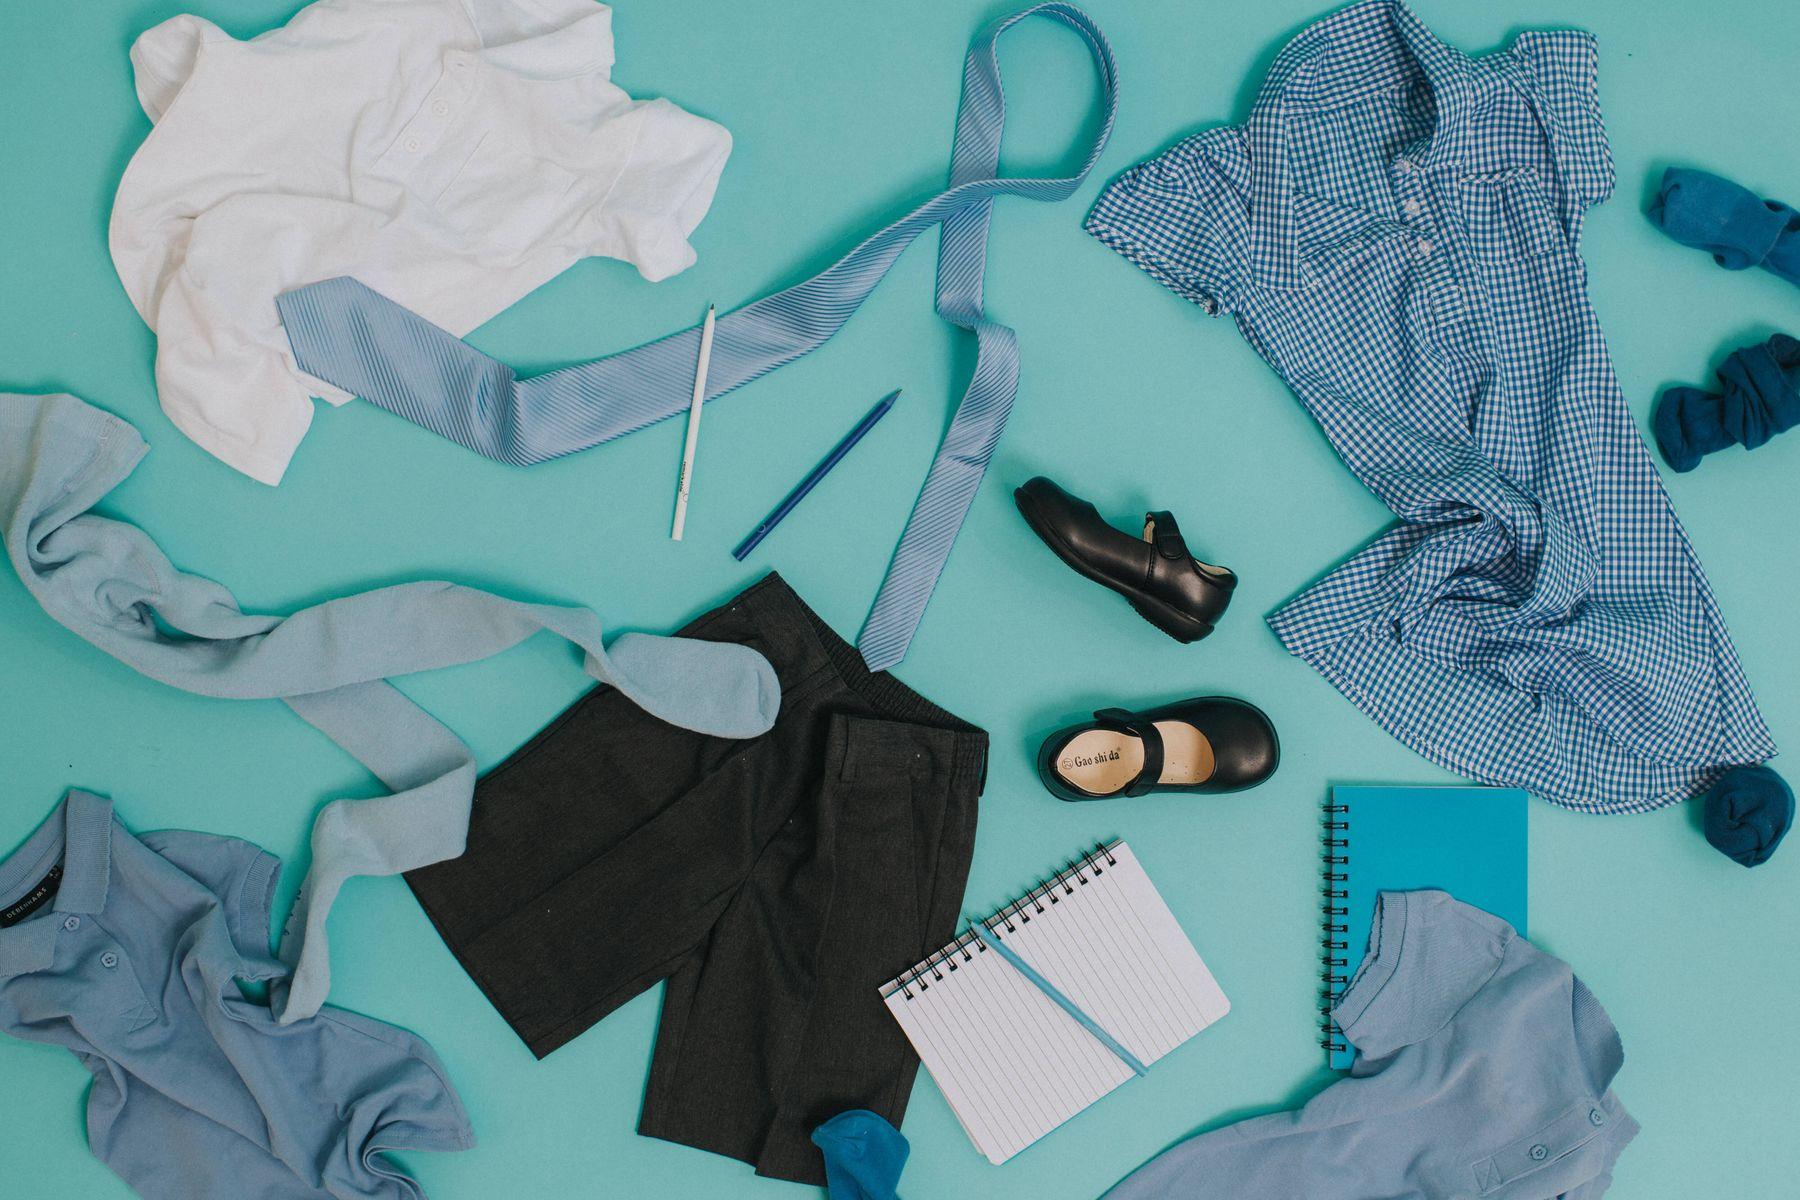 uniformes et vêtements scolaires sur fond bleu